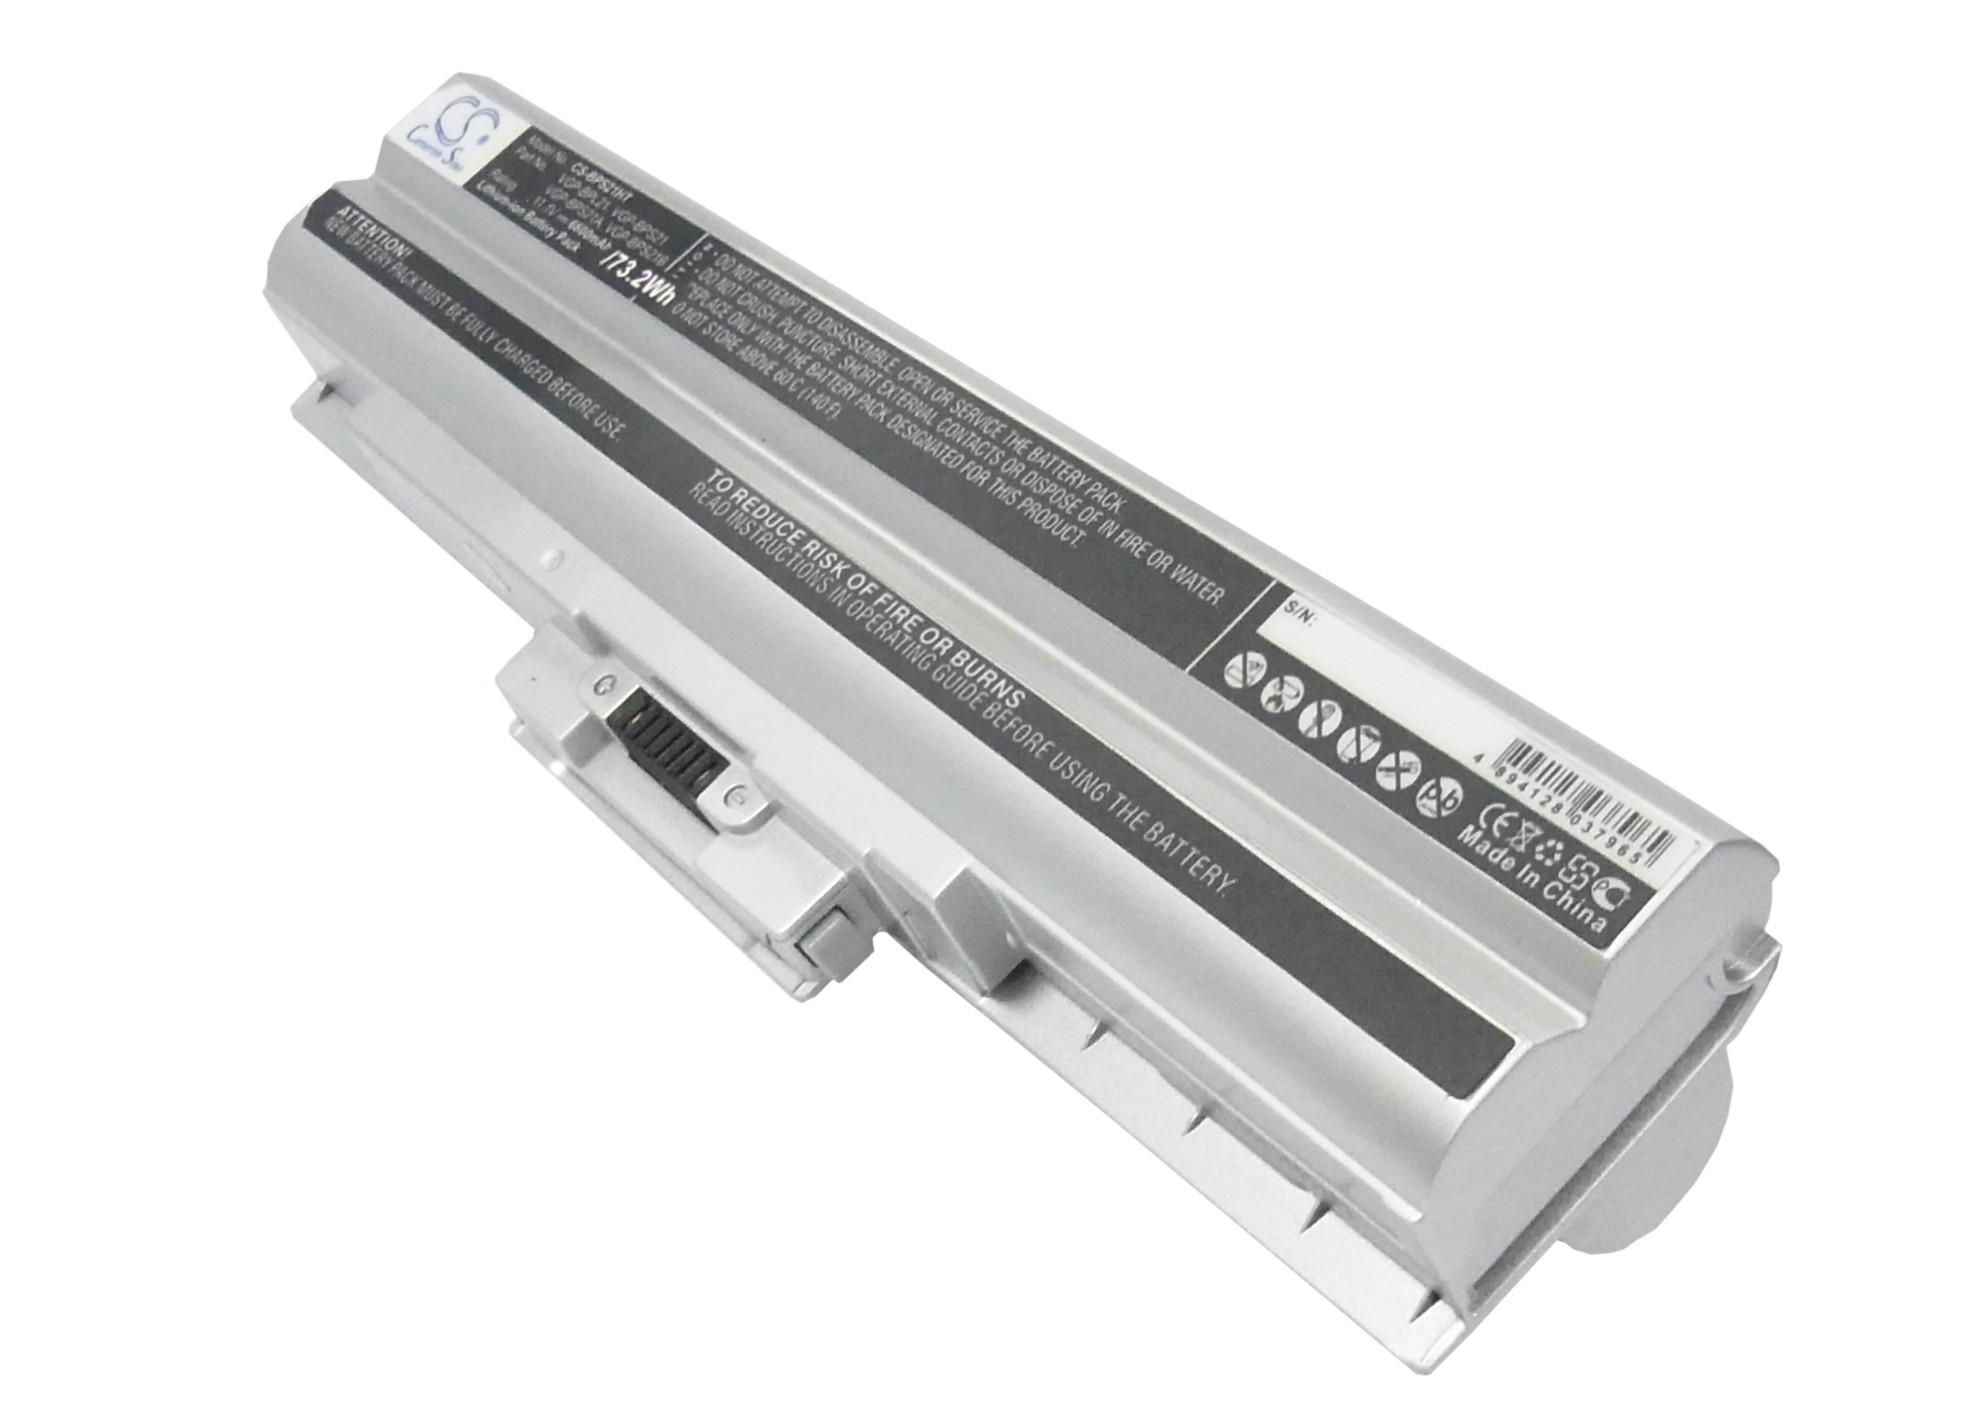 Cameron Sino baterie do notebooků pro SONY VAIO VGN-SR51MF 11.1V Li-ion 6600mAh stříbrná - neoriginální